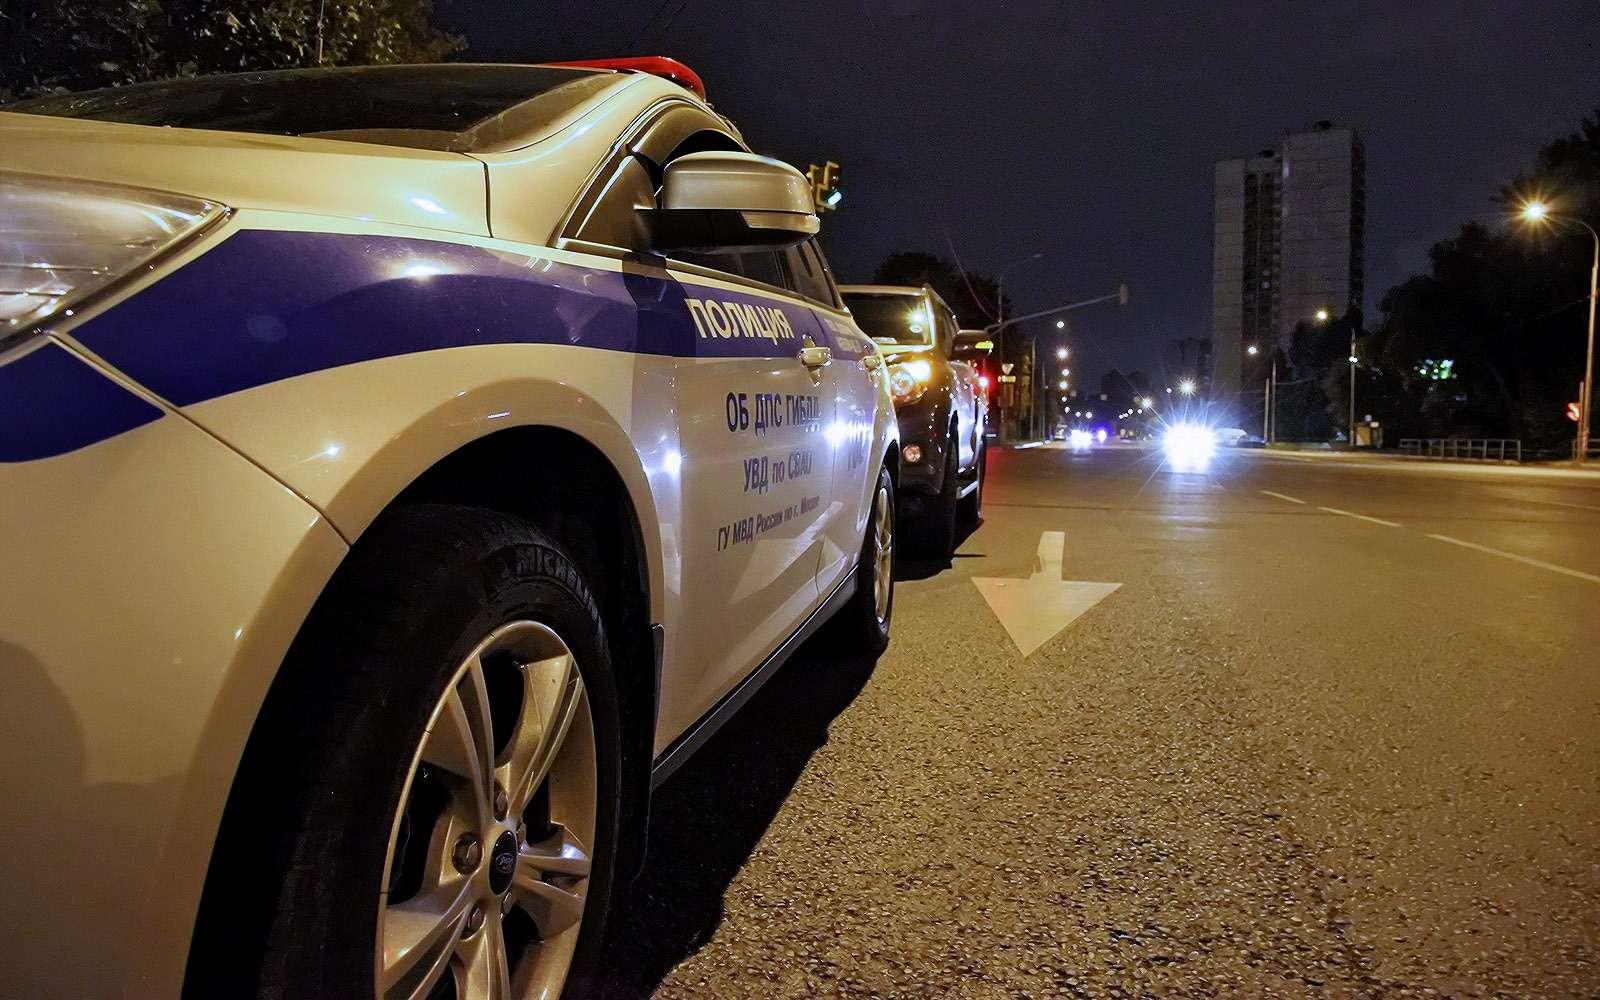 Инспектор ДПС неимеет права останавливать автомобиль там, где это запрещают ПДД